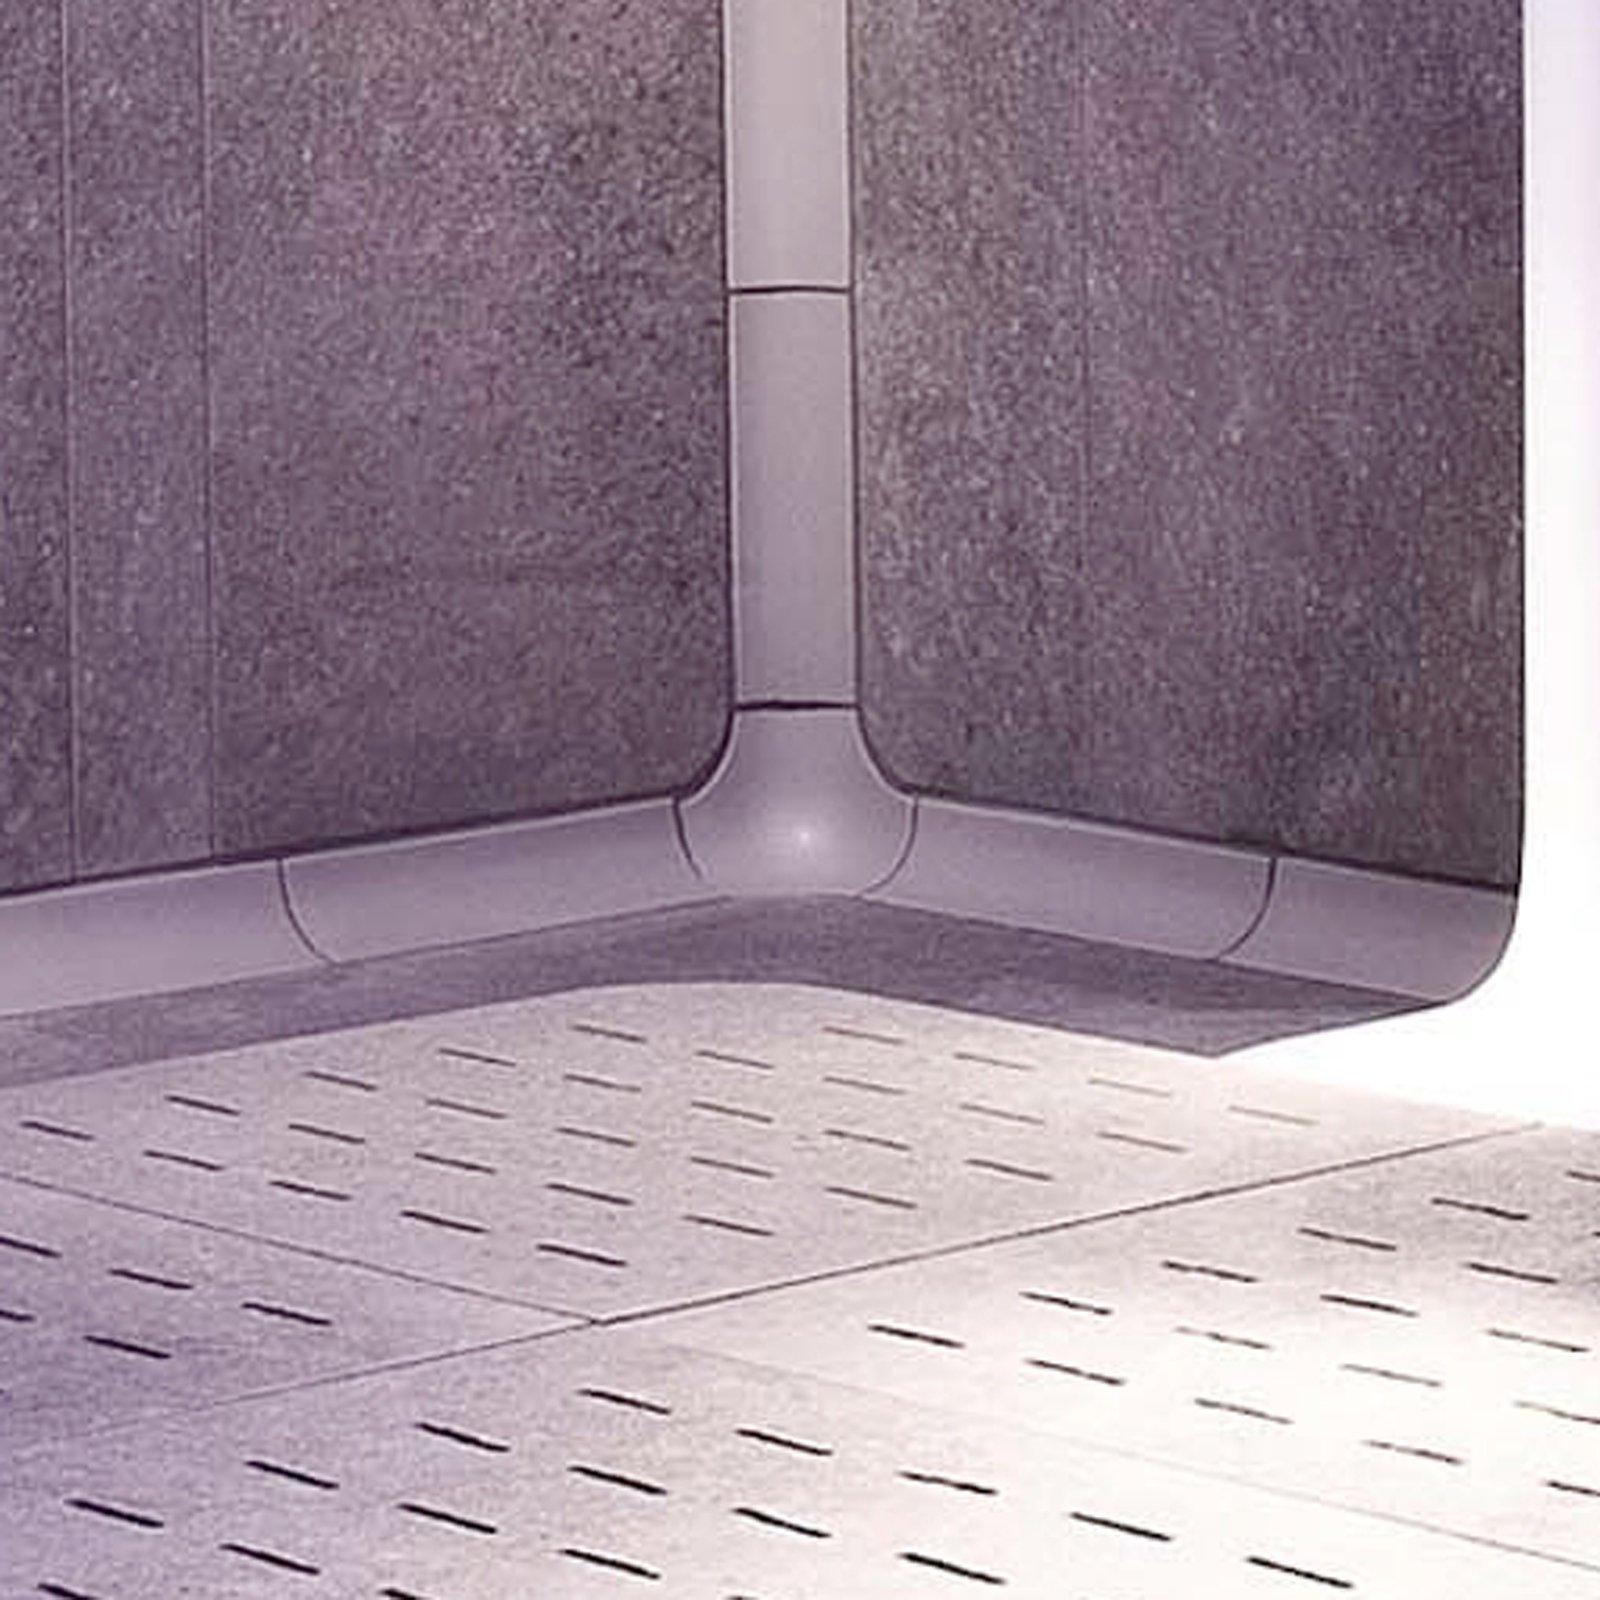 Battiscopa Staccato Dal Pavimento come scegliere il battiscopa - cose di casa